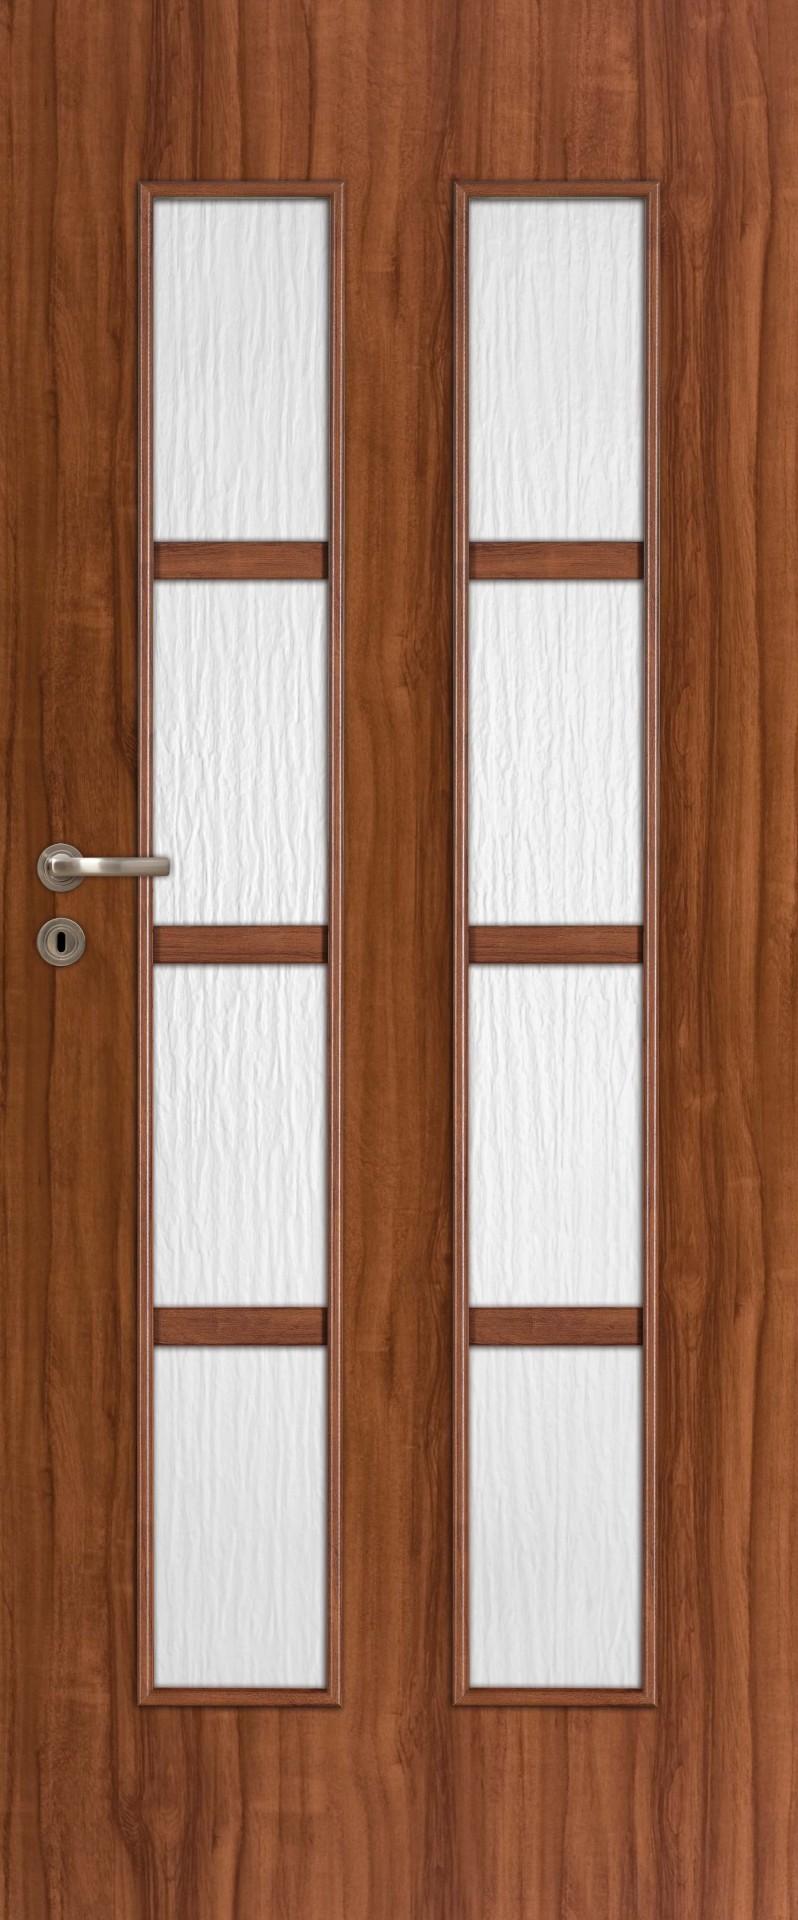 Dre dveře Arte 70, Šíře v cm 70